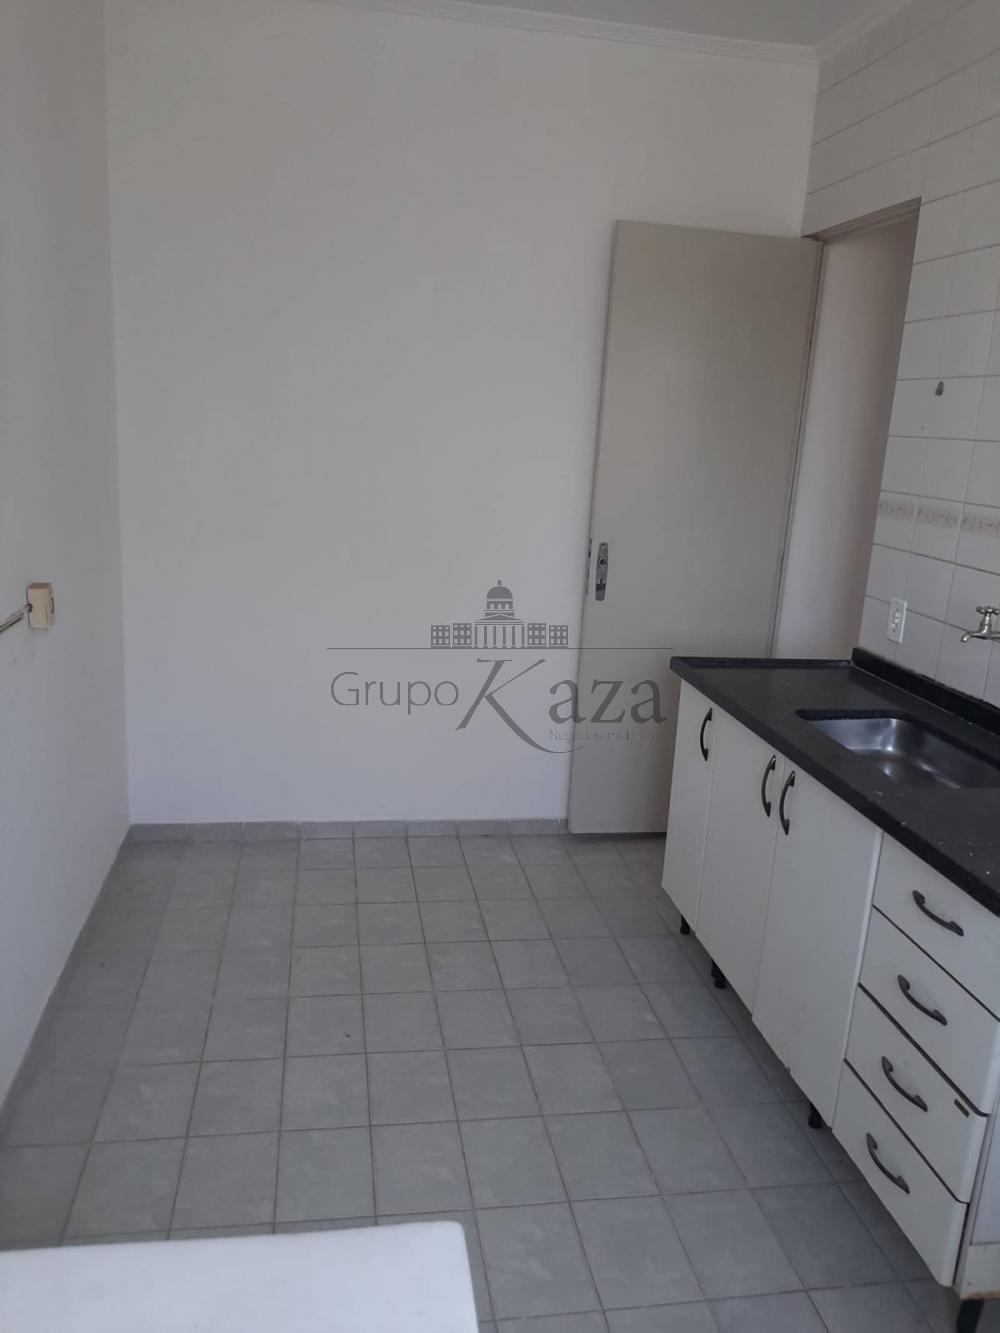 alt='Comprar Apartamento / Padrão em Jacareí R$ 180.000,00 - Foto 4' title='Comprar Apartamento / Padrão em Jacareí R$ 180.000,00 - Foto 4'